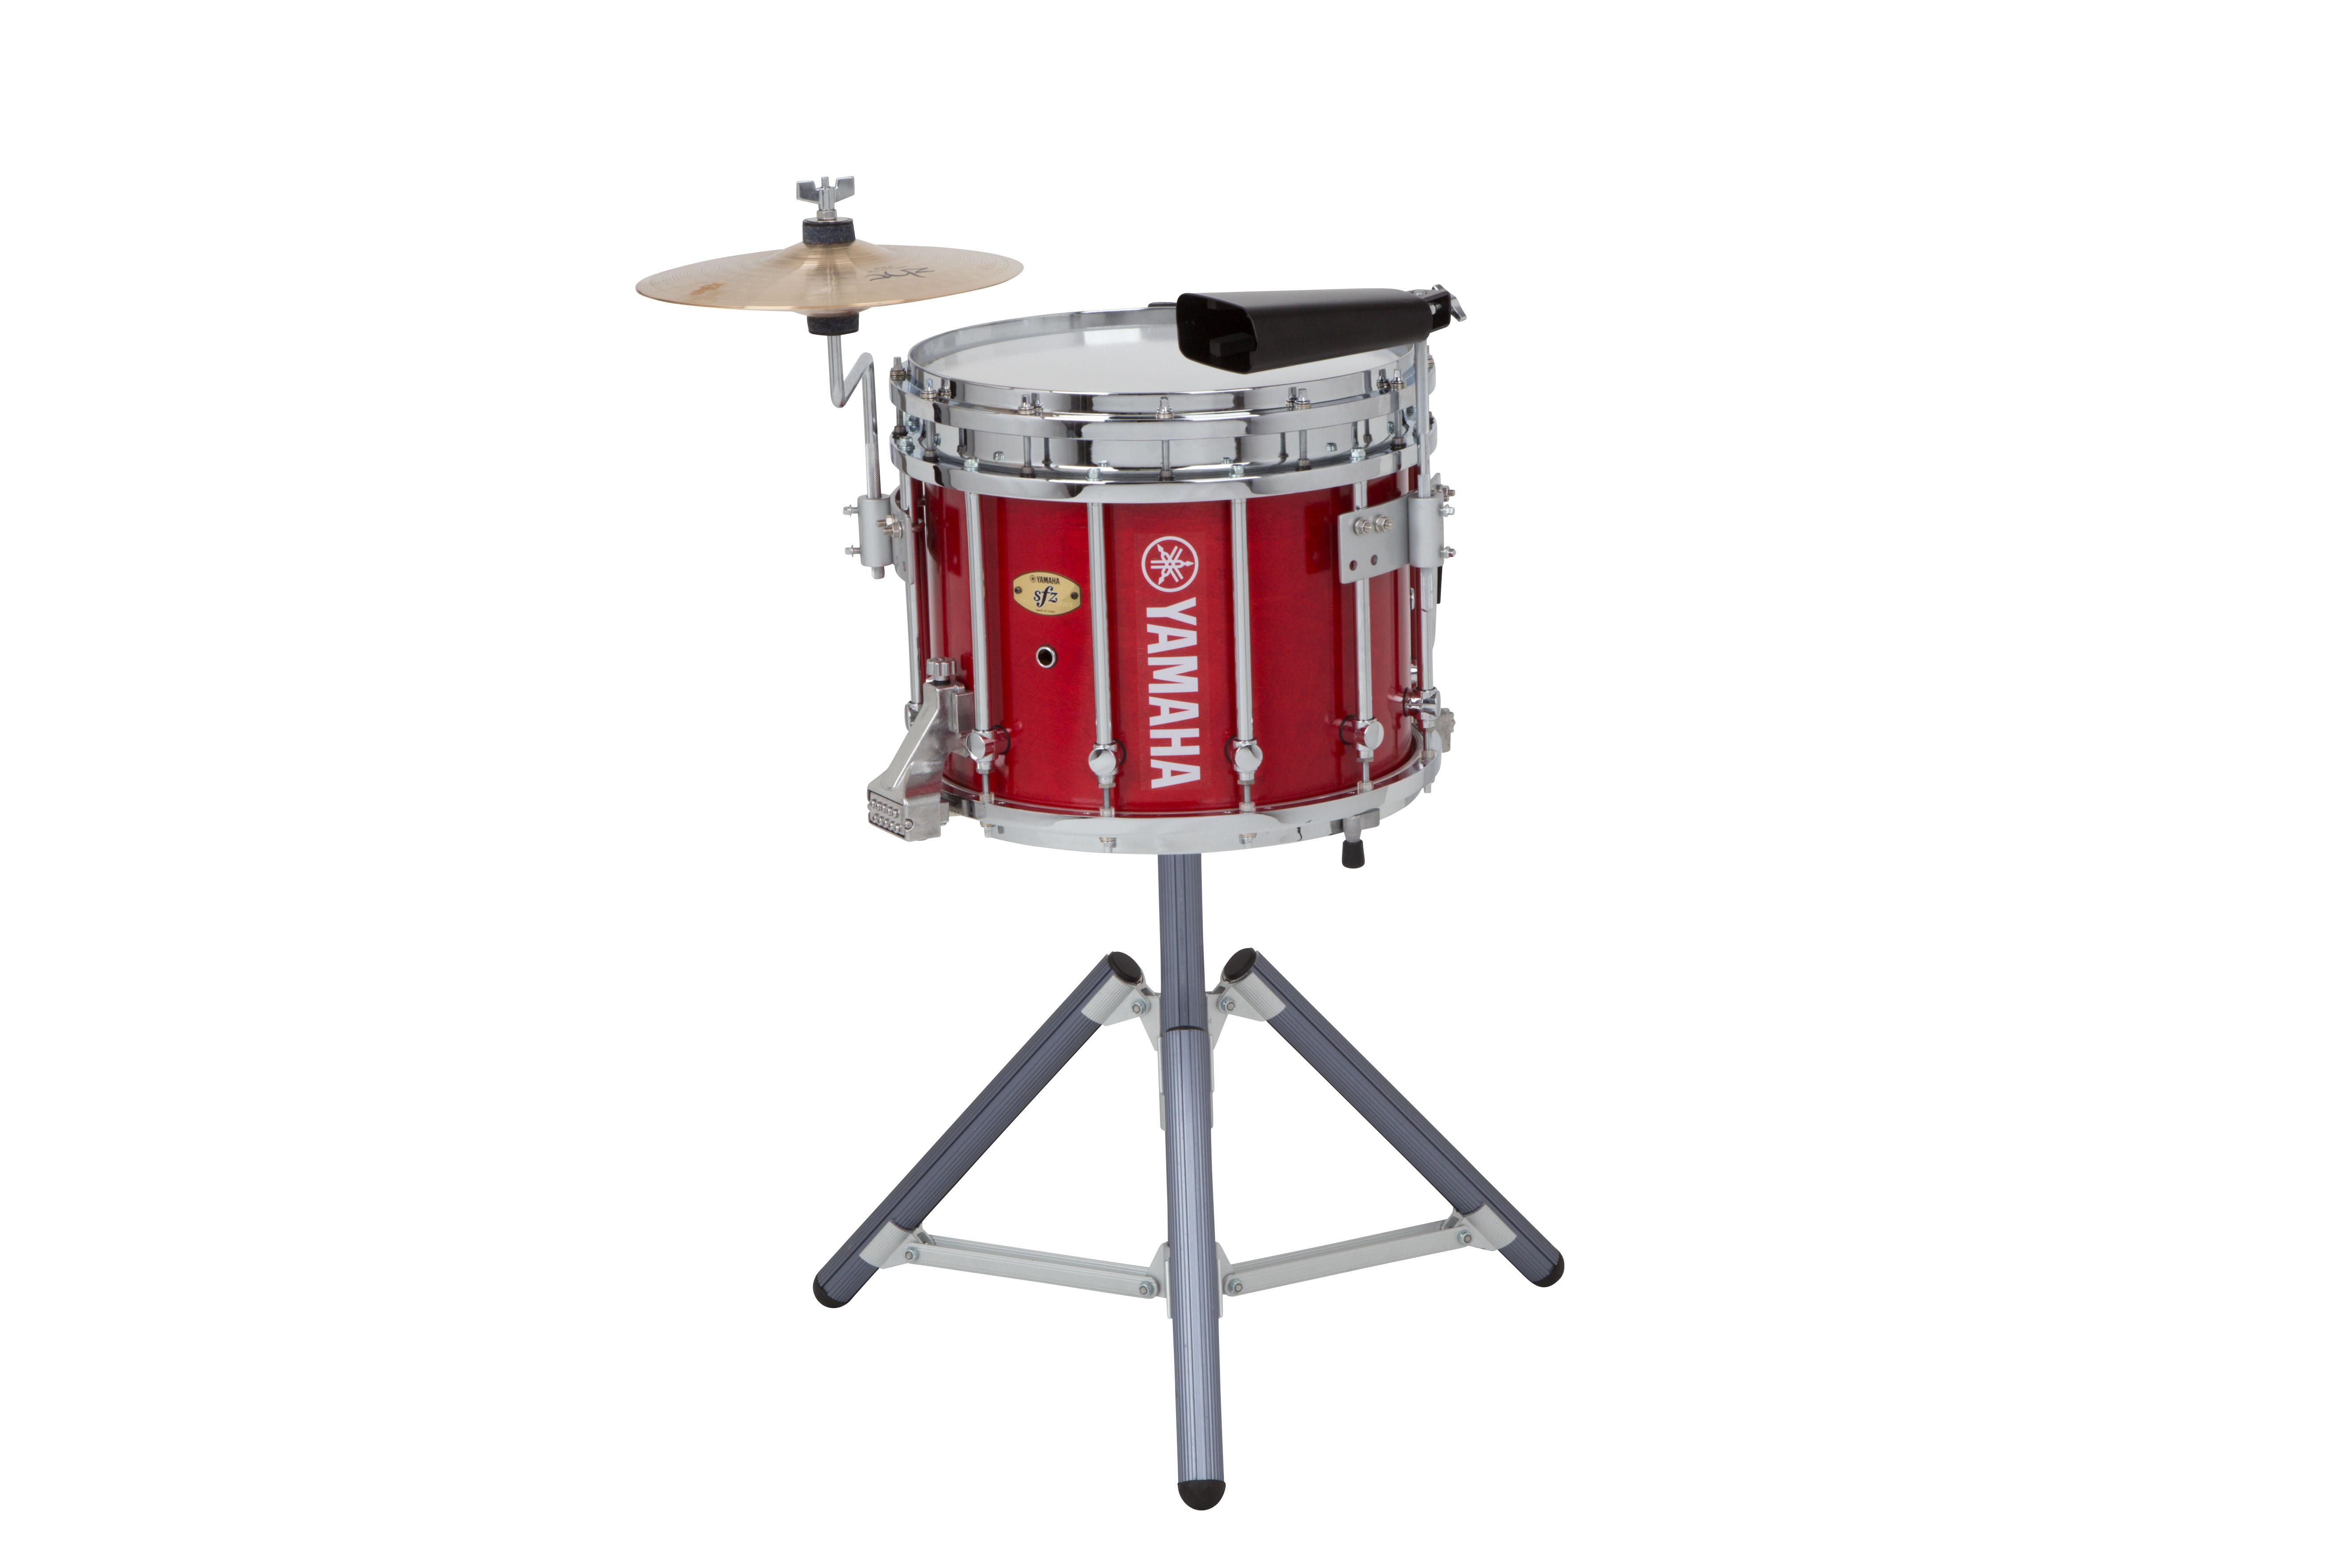 Yamaha Marching Cymbals